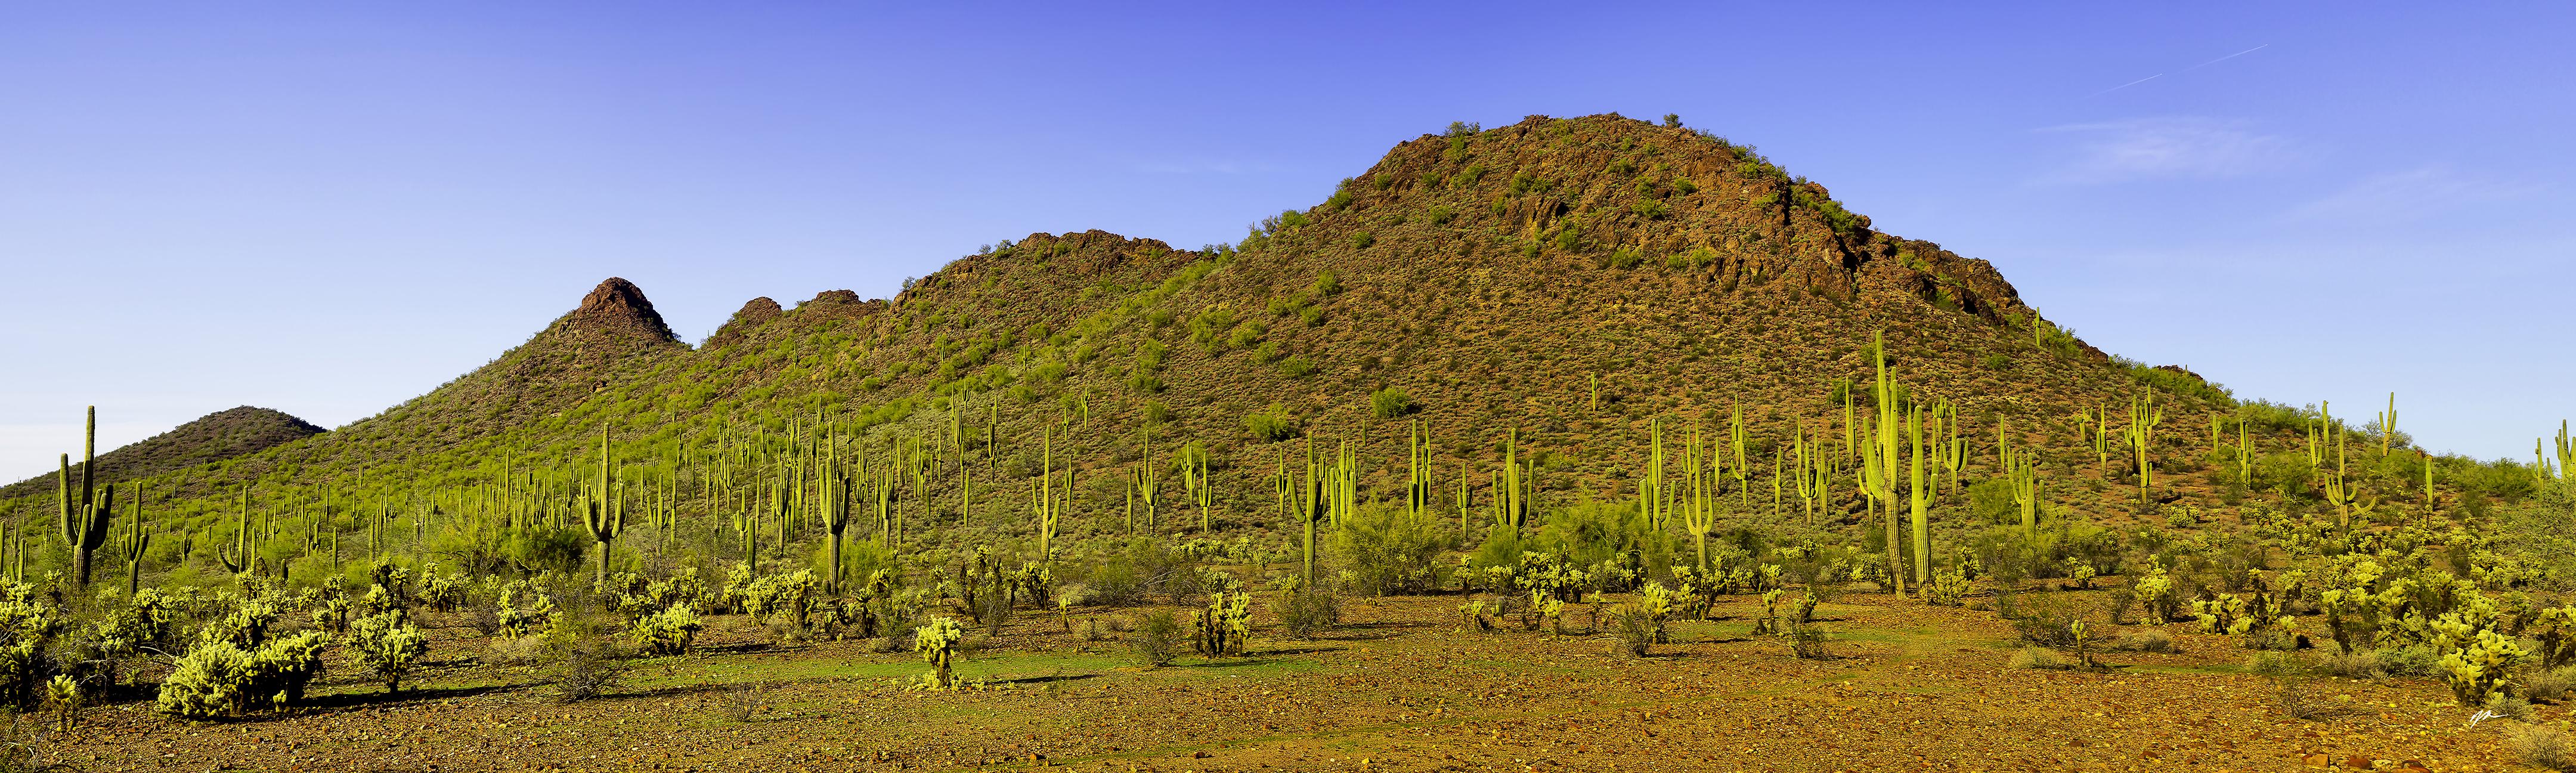 Sonoran Desert Panoramic